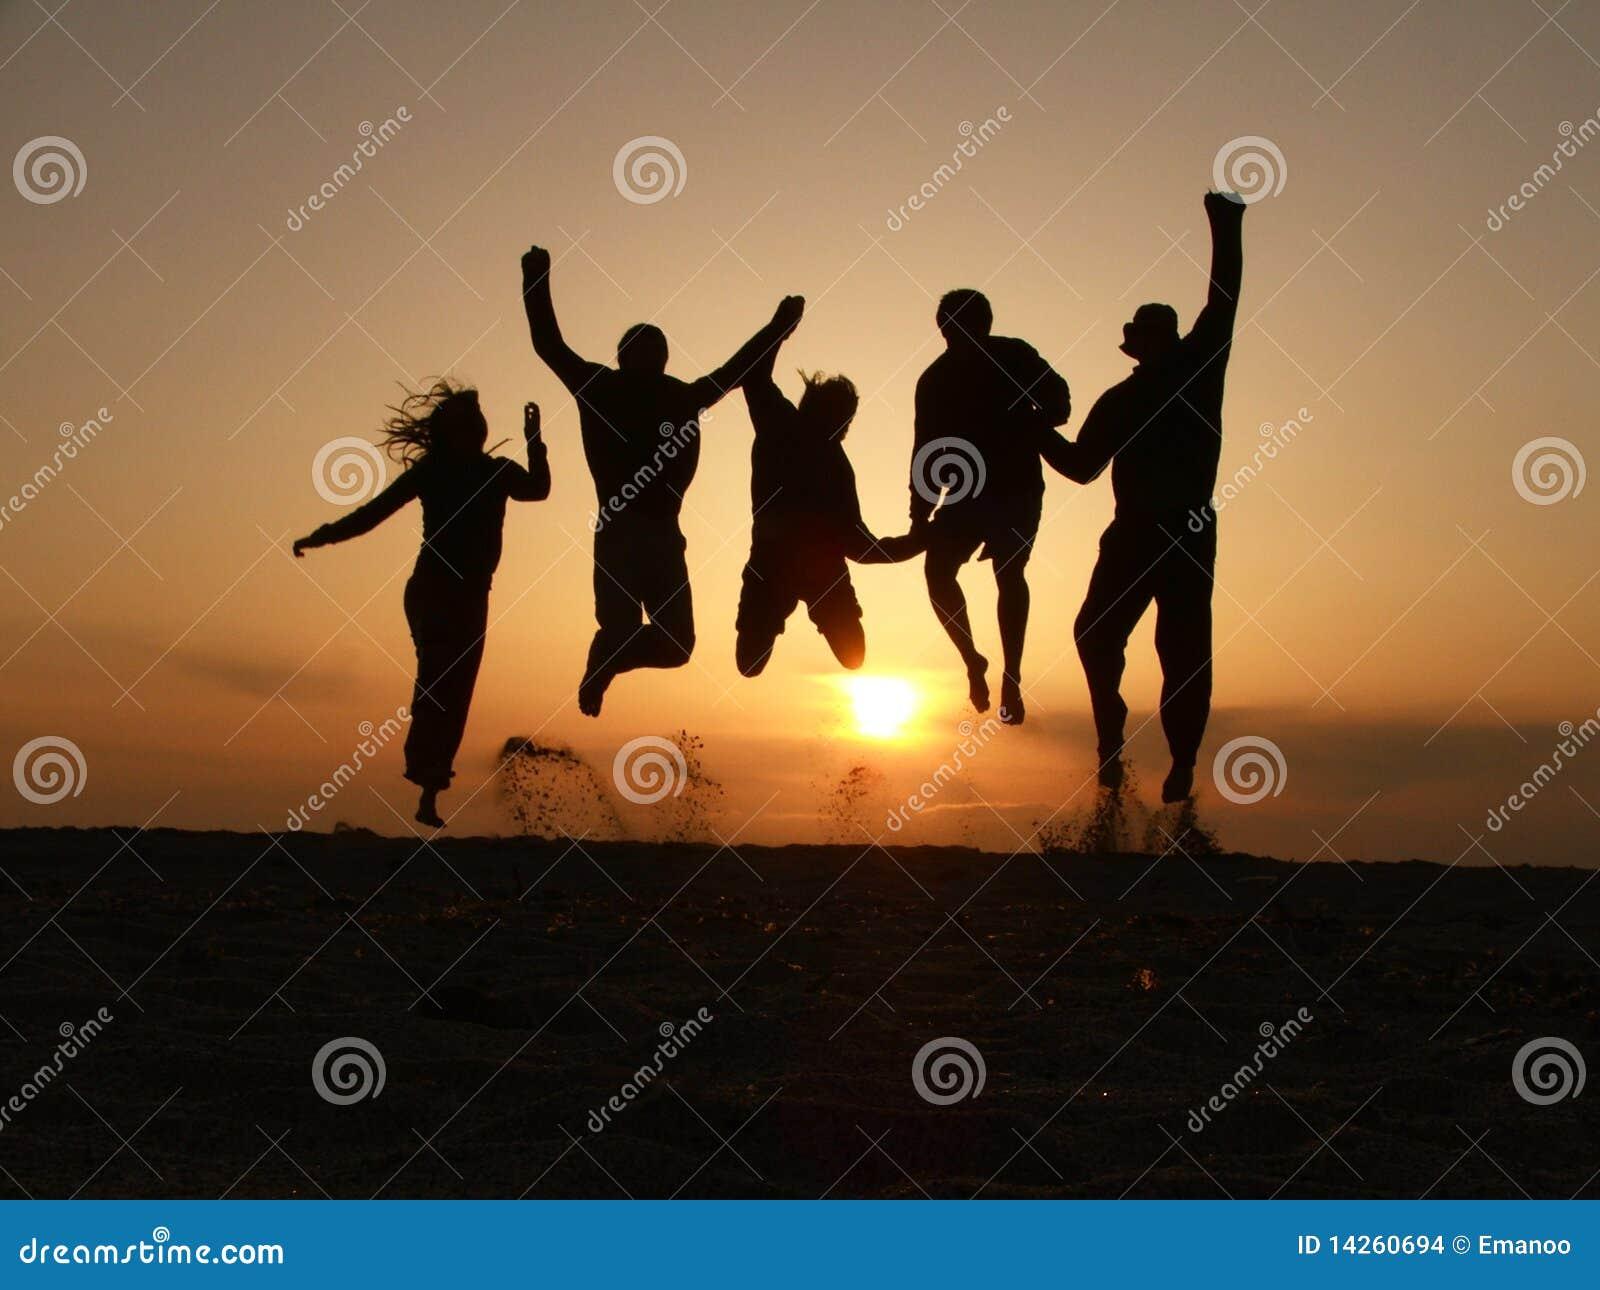 Sunset friends jumping